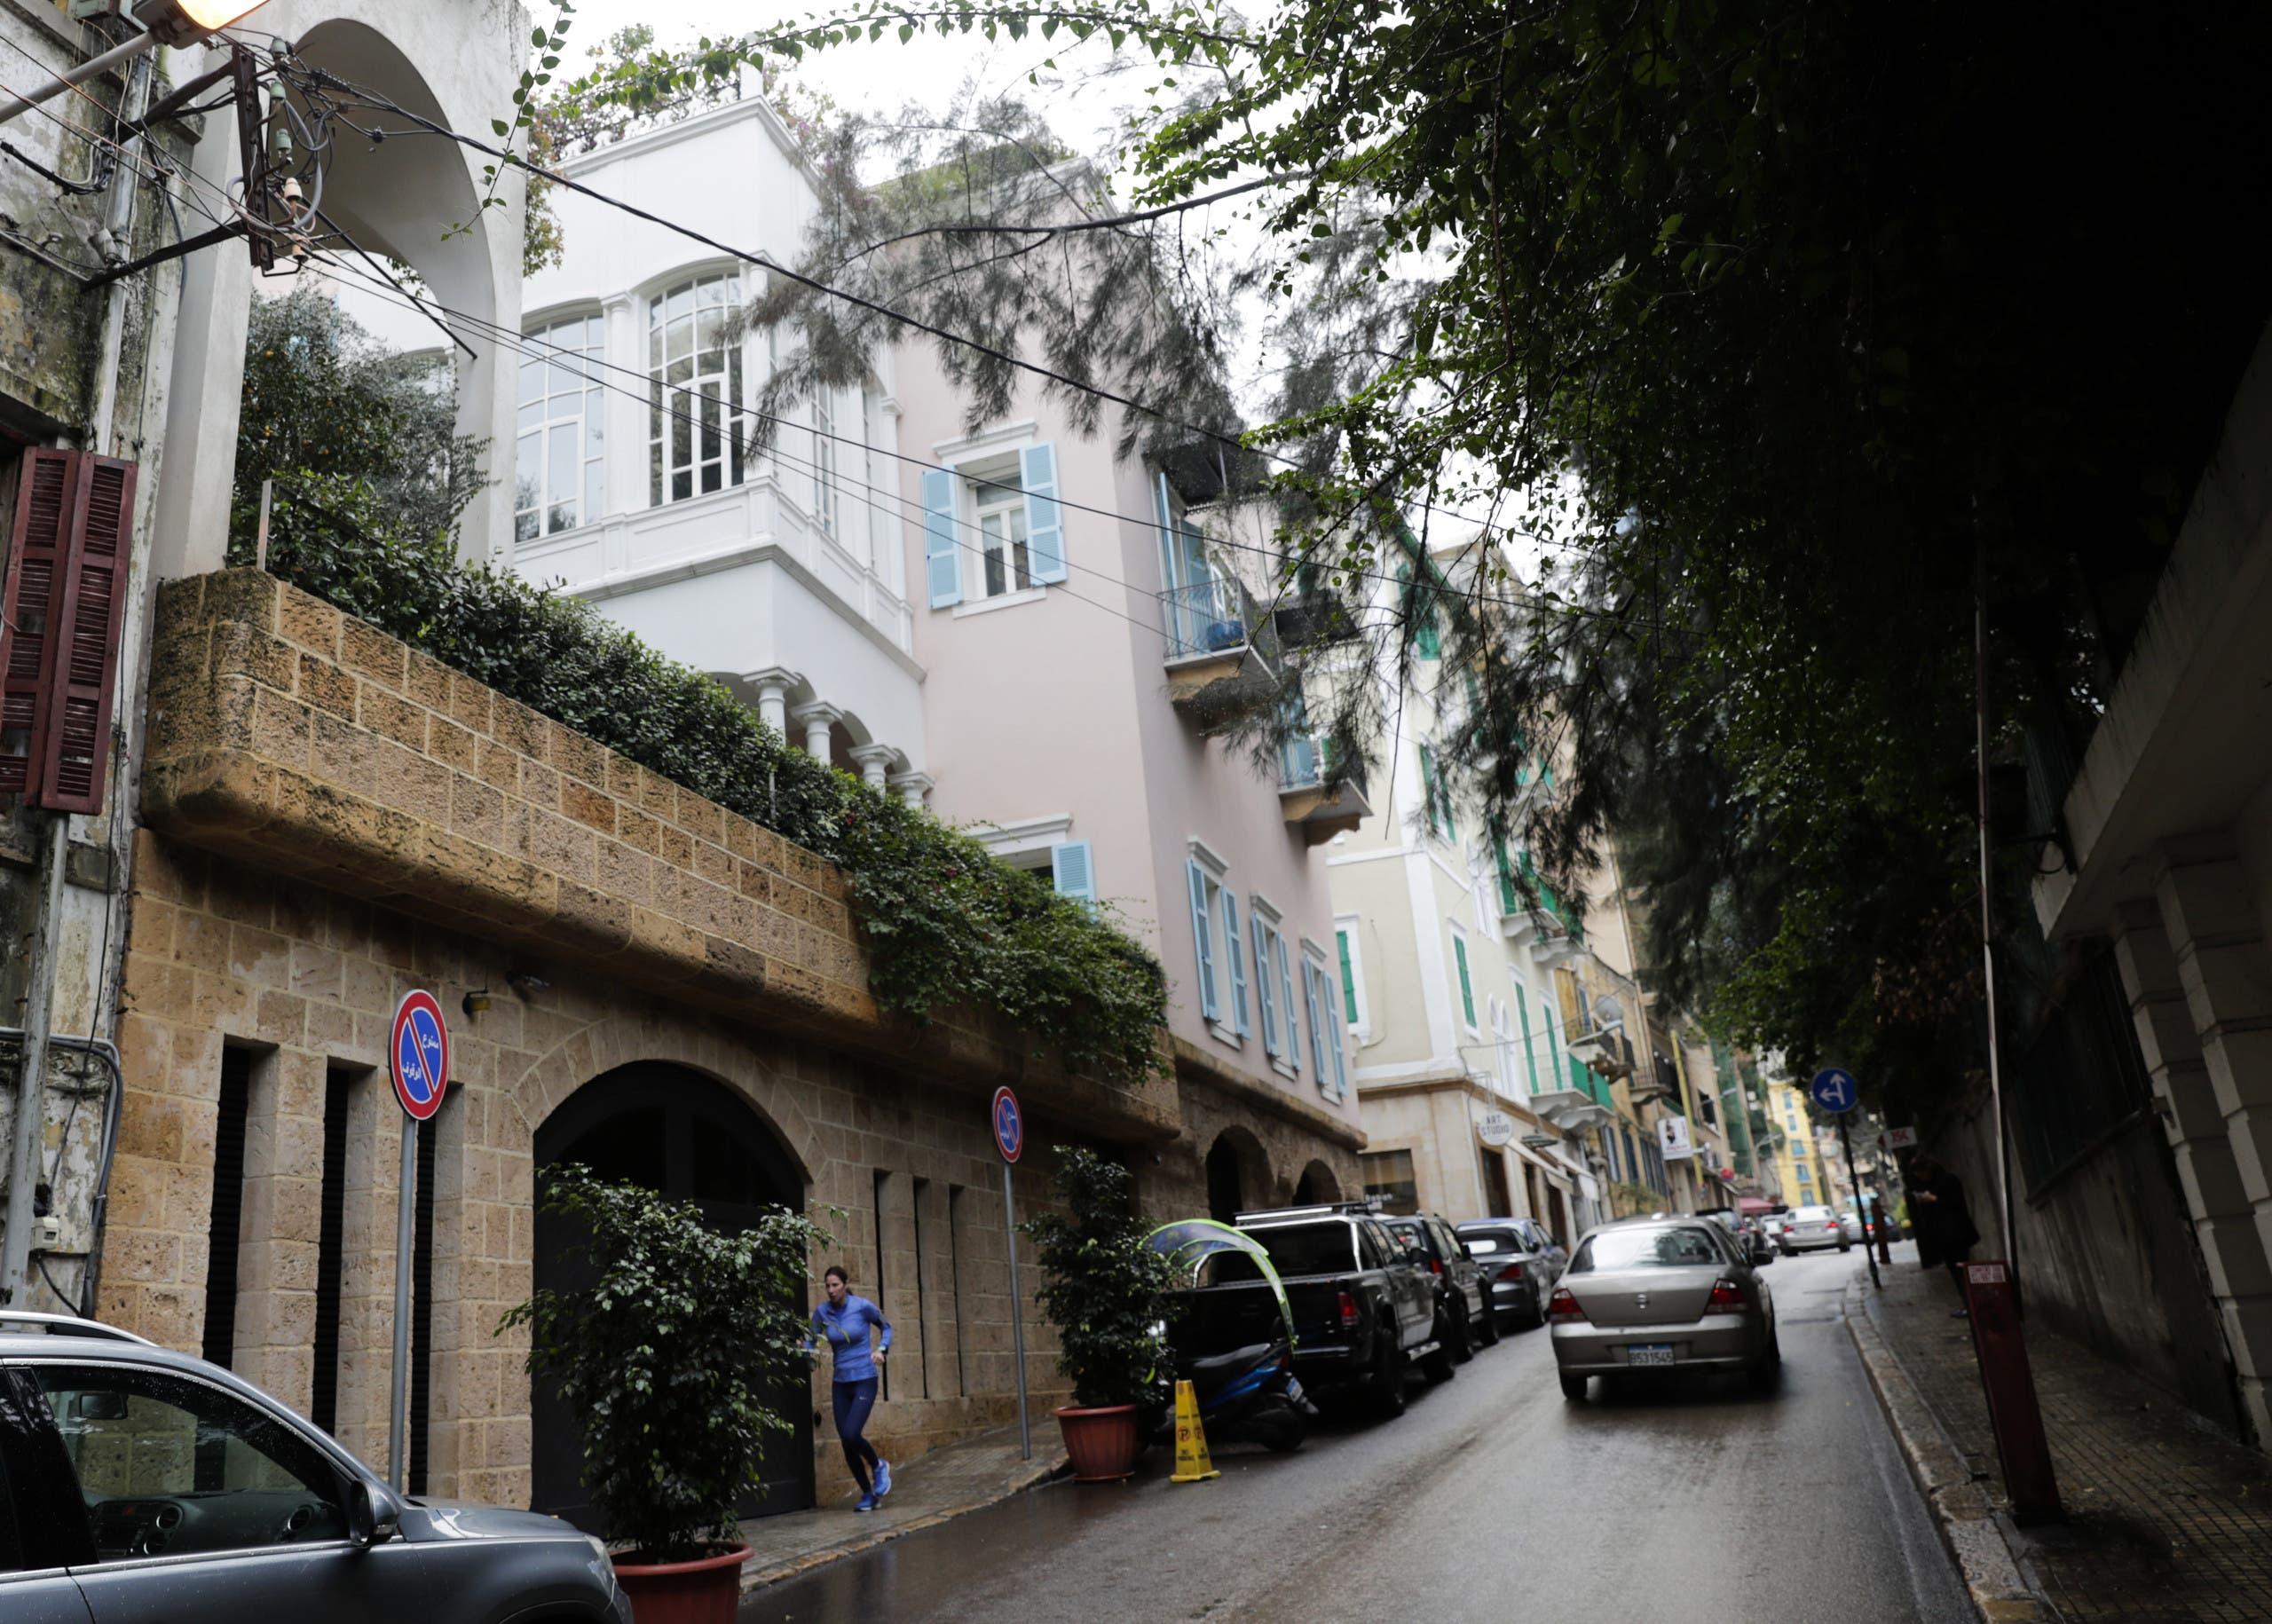 من أمام منزل أفادت وثائق قضائية لبنانية سابقا بأنه يعود لكارلوس غصن في بيروت (فرانس برس)